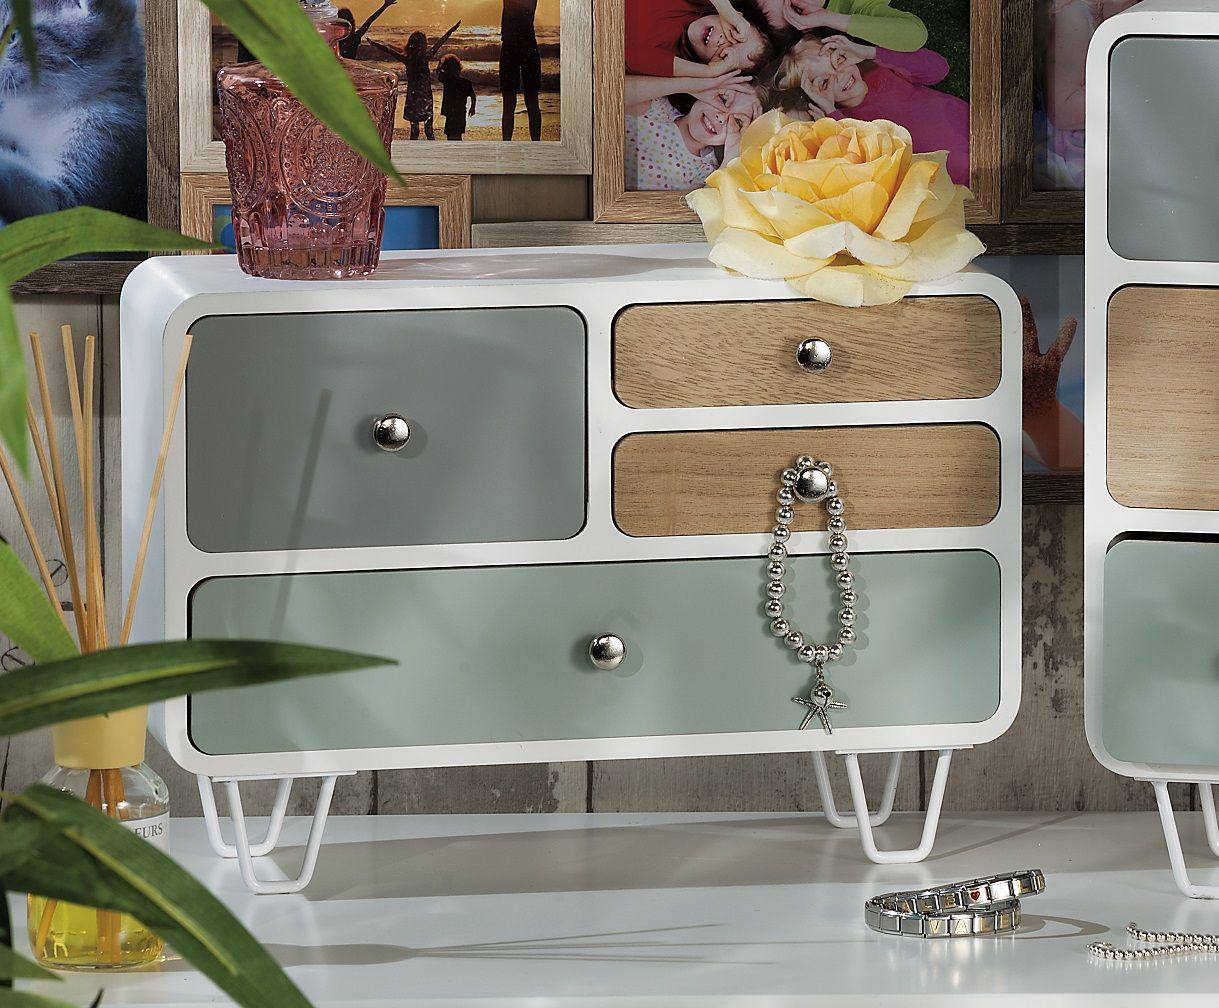 Svendita mobili roma idee di design per la casa rustify